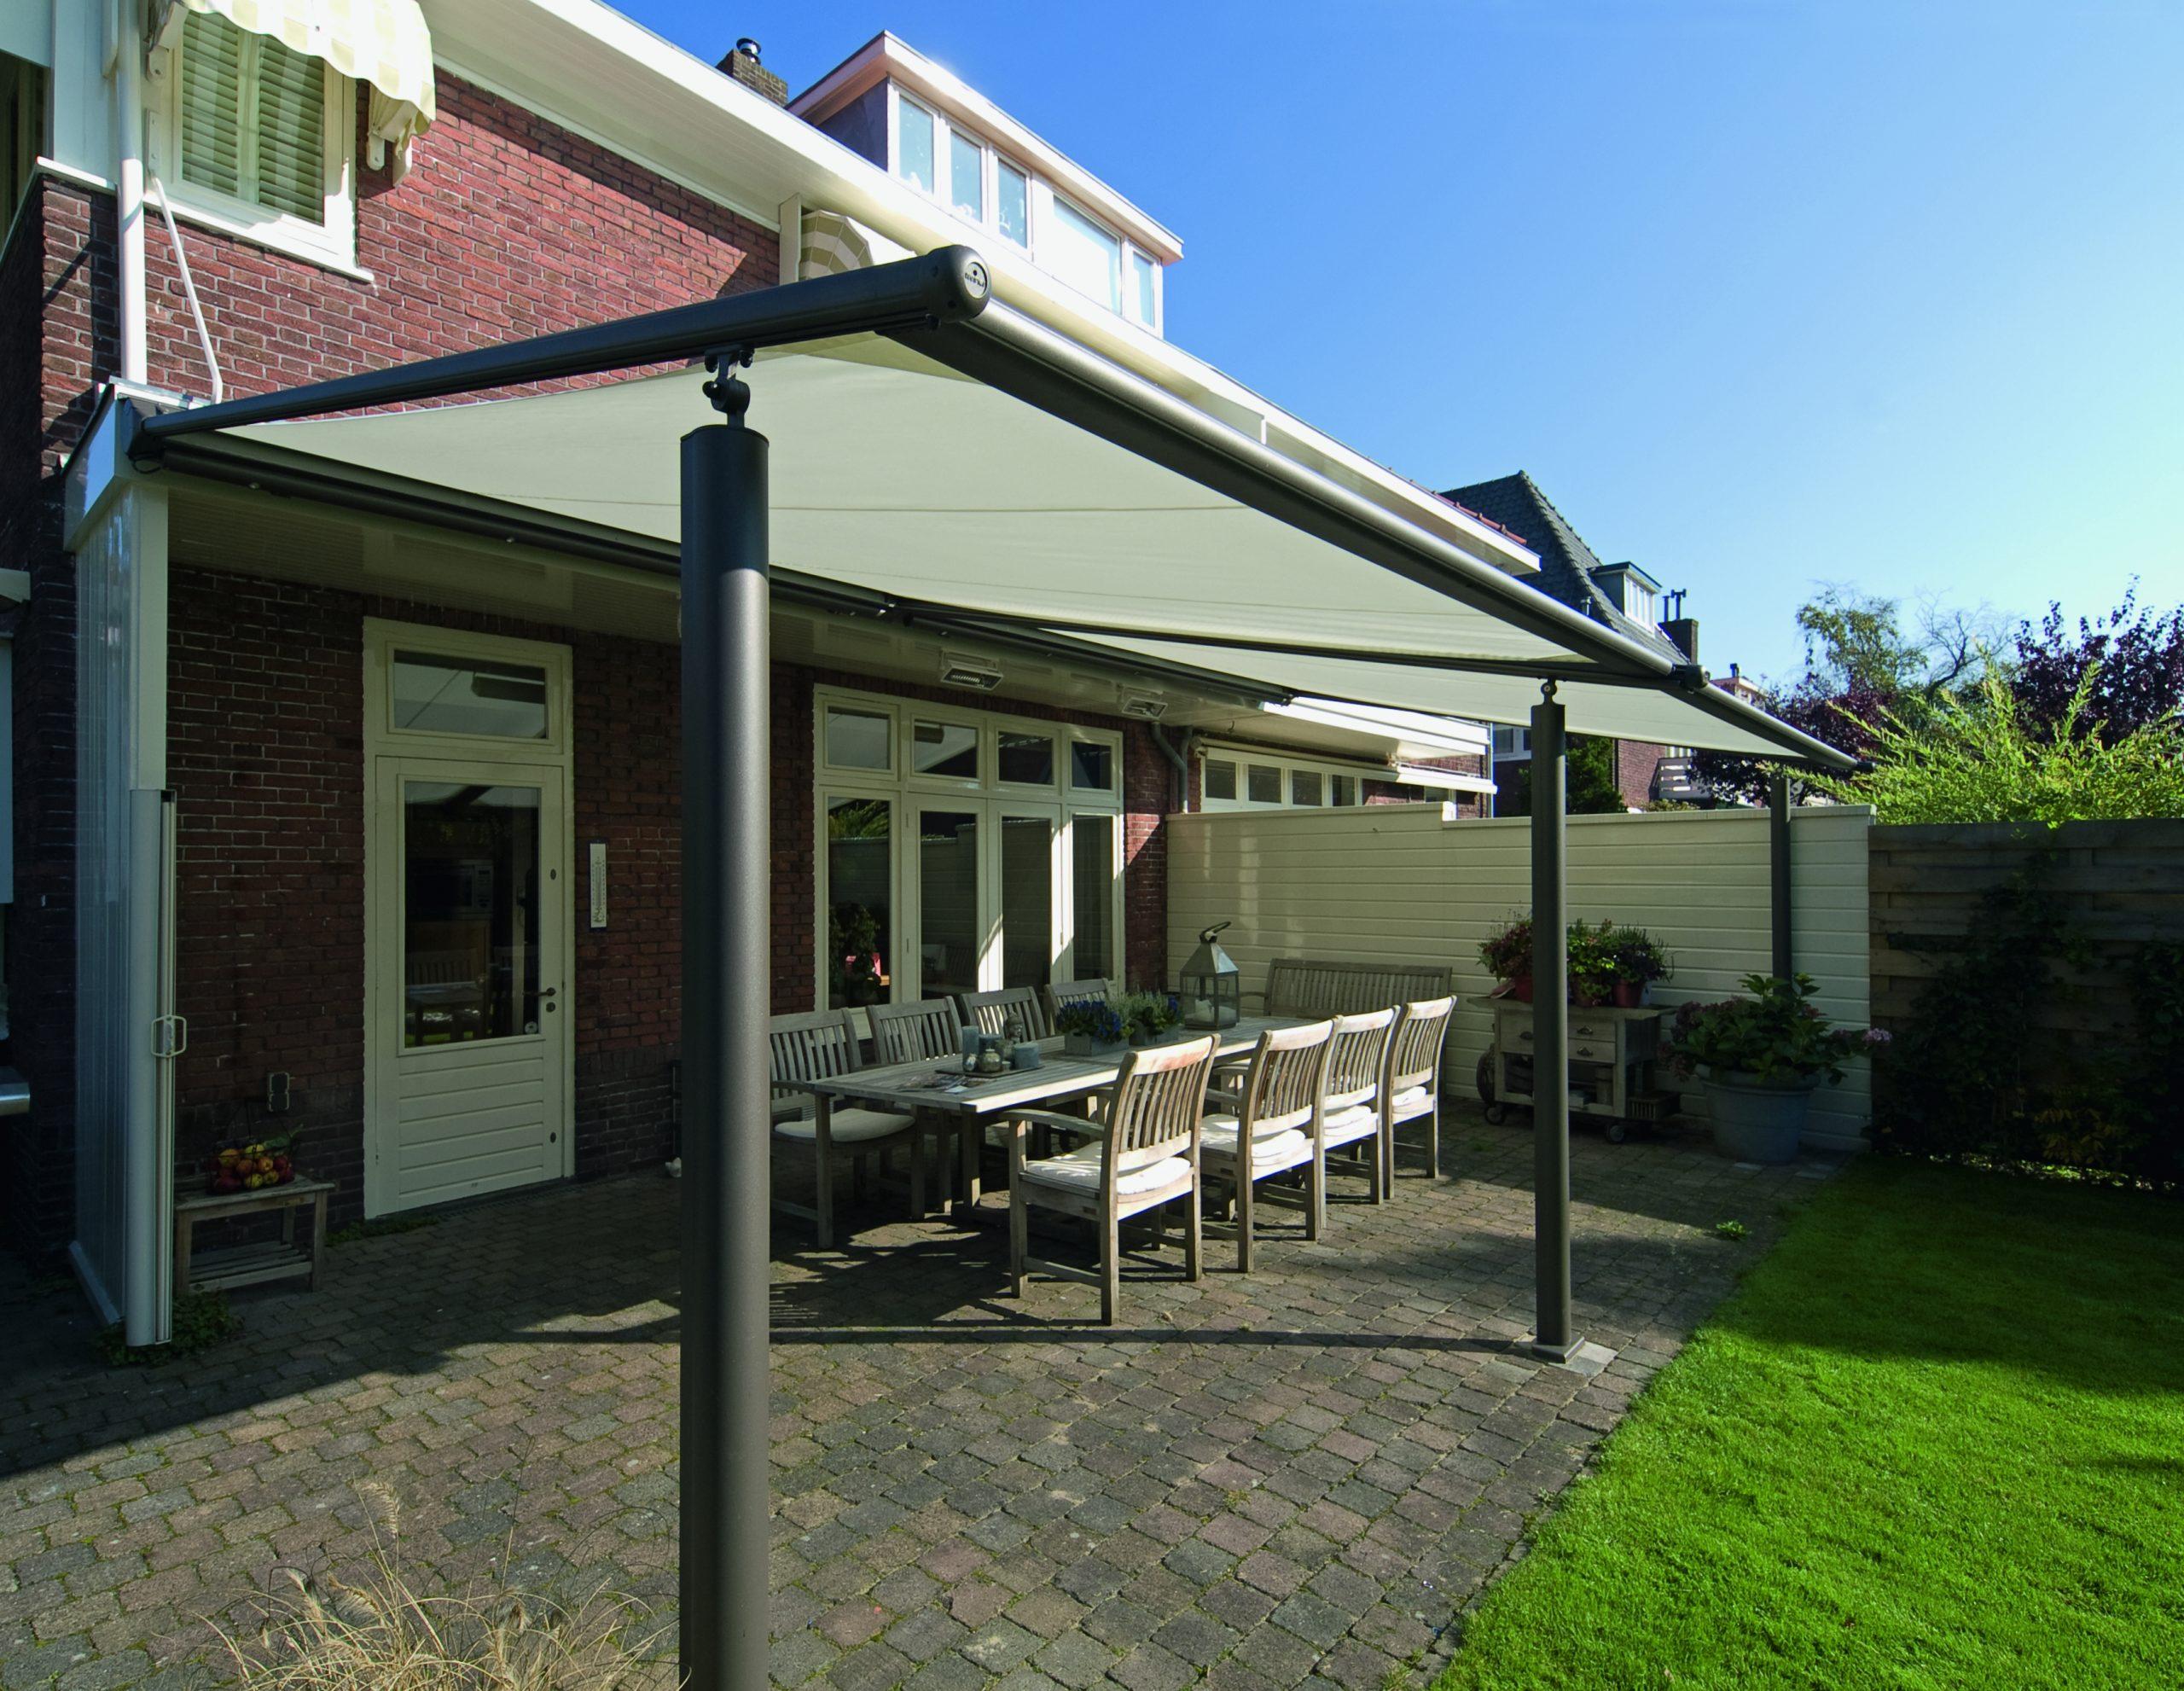 Conseils Pour Couvrir Une Terrasse - Vivons Dehors ... serapportantà Couvrir Une Terrasse